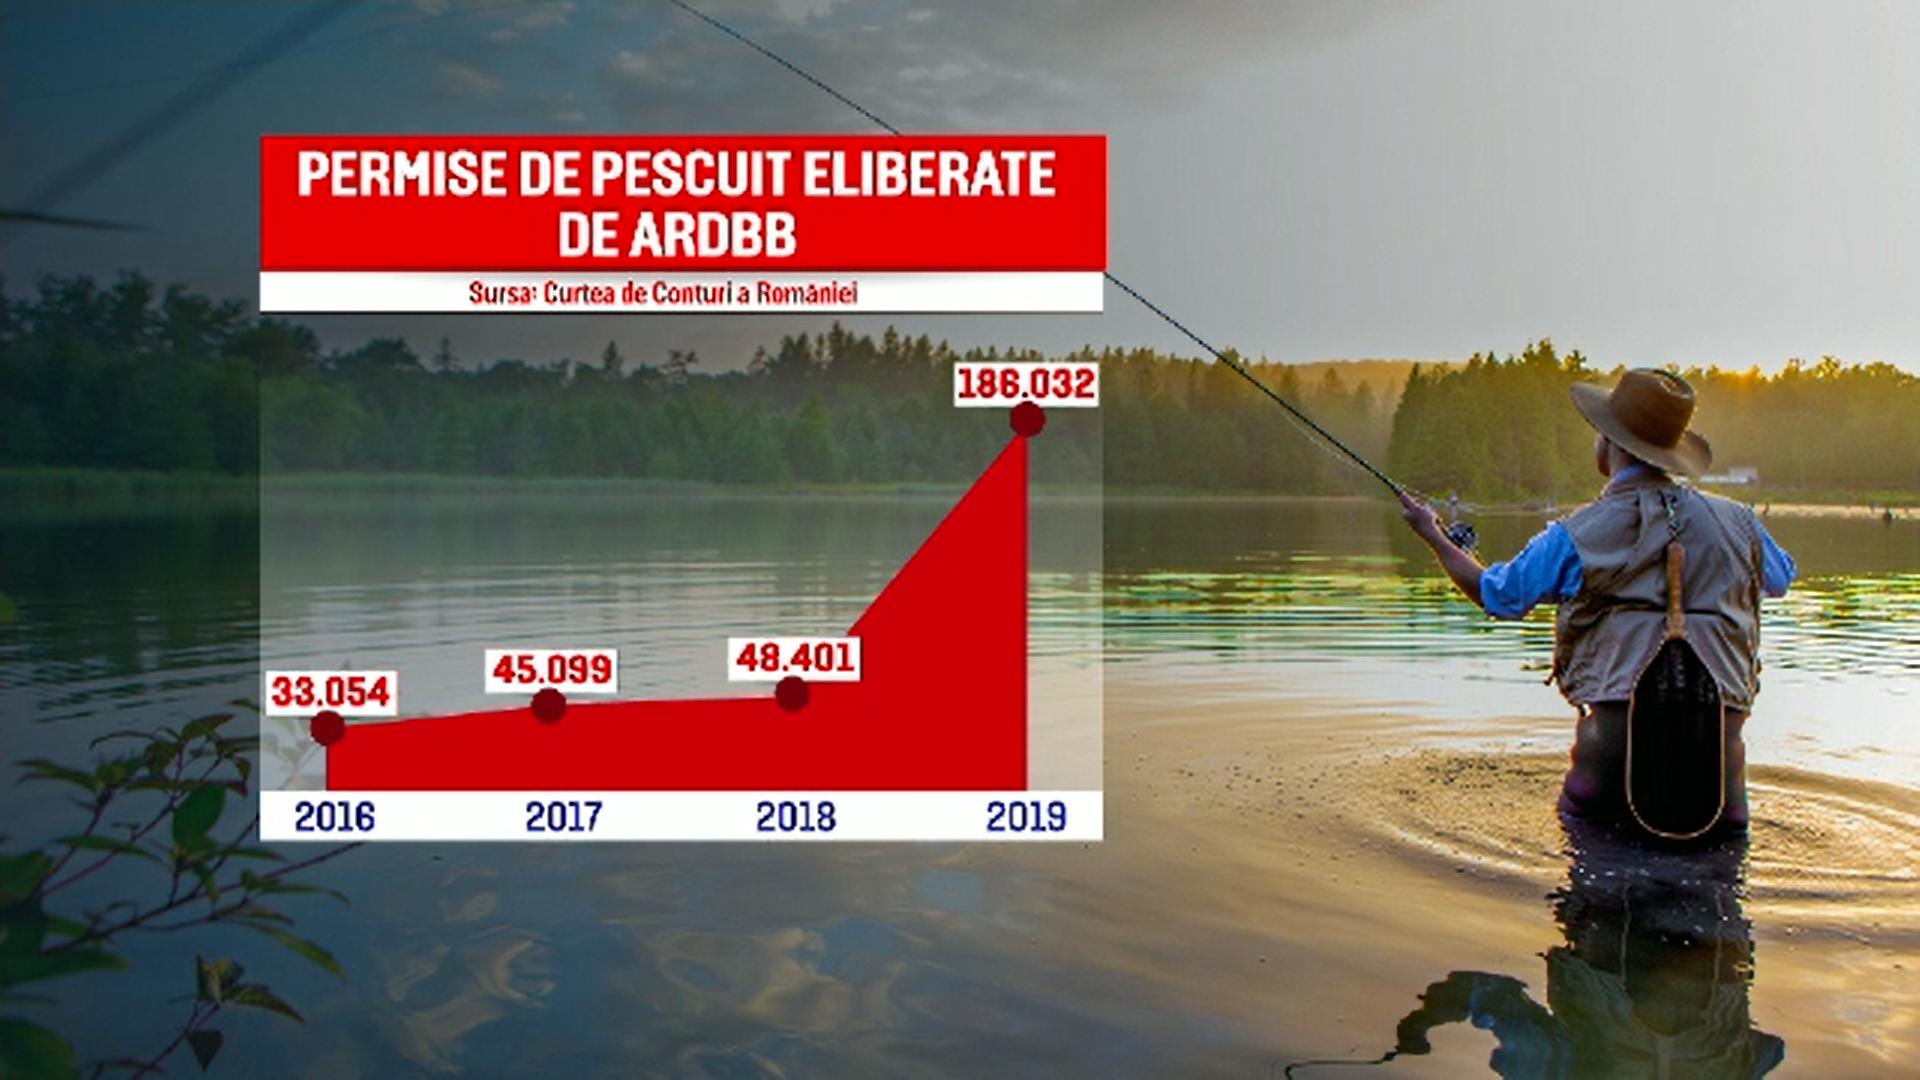 Situaţie revoltătoare în Delta Dunării. S-au emis de 6 ori mai multe permise de pescuit decât era recomandat